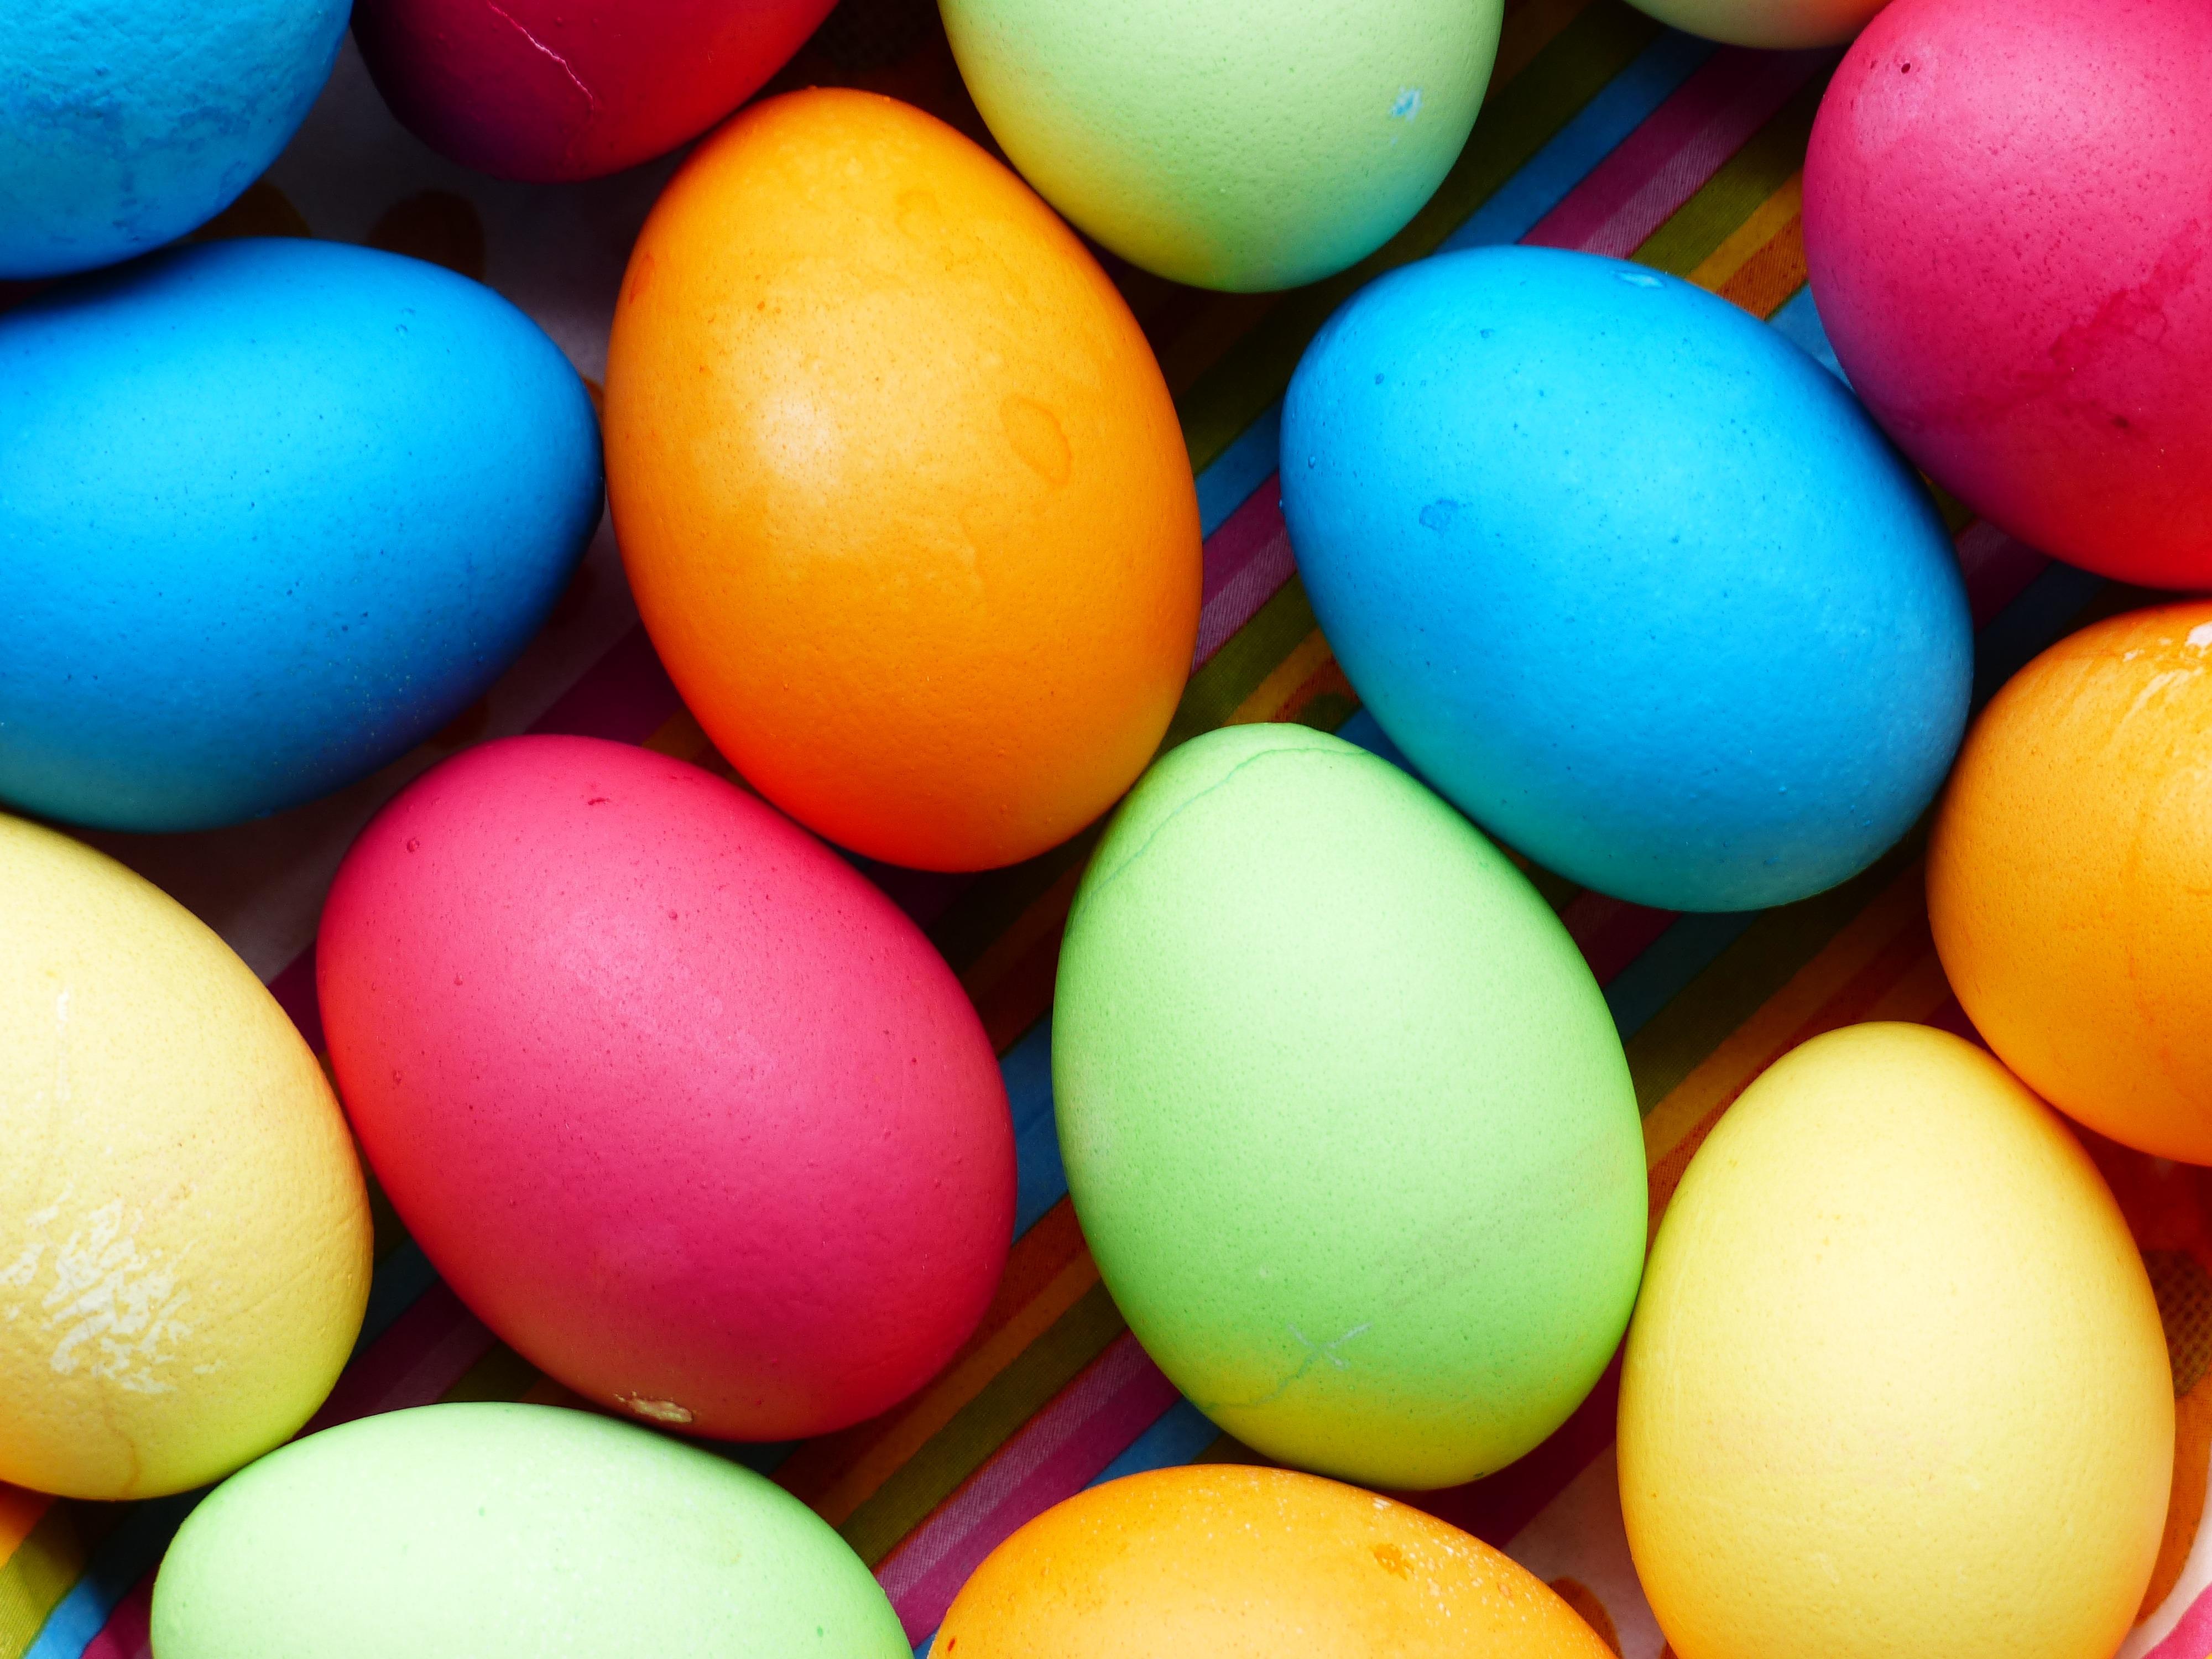 Free Images : orange, food, spring, green, red, color ...